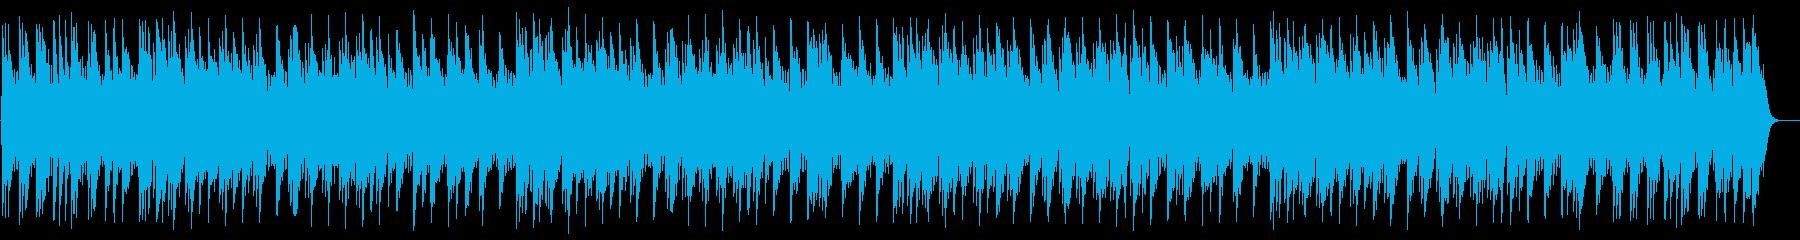 綺麗な音色で癒されるオルゴールの再生済みの波形